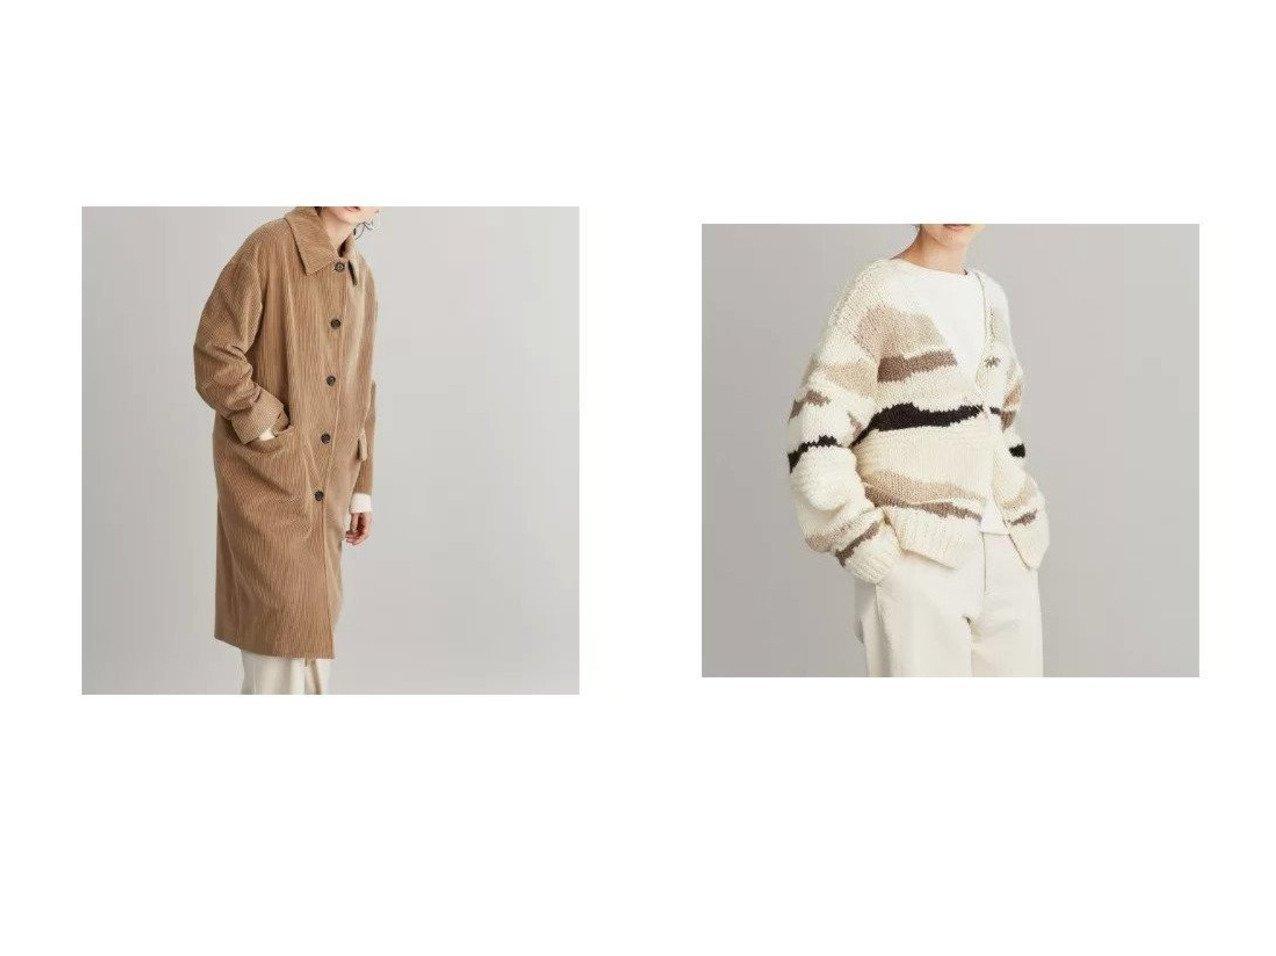 【SIPULI/シプリ】のCotton Cashmere Corduroy ビッグカラーオーバーコート&Norwegian Dry Wool カモフラ柄手編みカーディガン おすすめ!人気トレンド・レディースファッションの通販  おすすめで人気の流行・トレンド、ファッションの通販商品 メンズファッション・キッズファッション・インテリア・家具・レディースファッション・服の通販 founy(ファニー) https://founy.com/ ファッションモデル・俳優・女優 Models 女性 Women 比留川游 Hirukawa Yu ファッション Fashion レディースファッション WOMEN アウター Coat Outerwear コート Coats トップス Tops Tshirt カーディガン Cardigans イタリア コレクション コーデュロイ ショルダー 雑誌 テーラード トレンド なめらか ポケット リラックス A/W 秋冬 Autumn &  Winter  ID:crp329100000008689